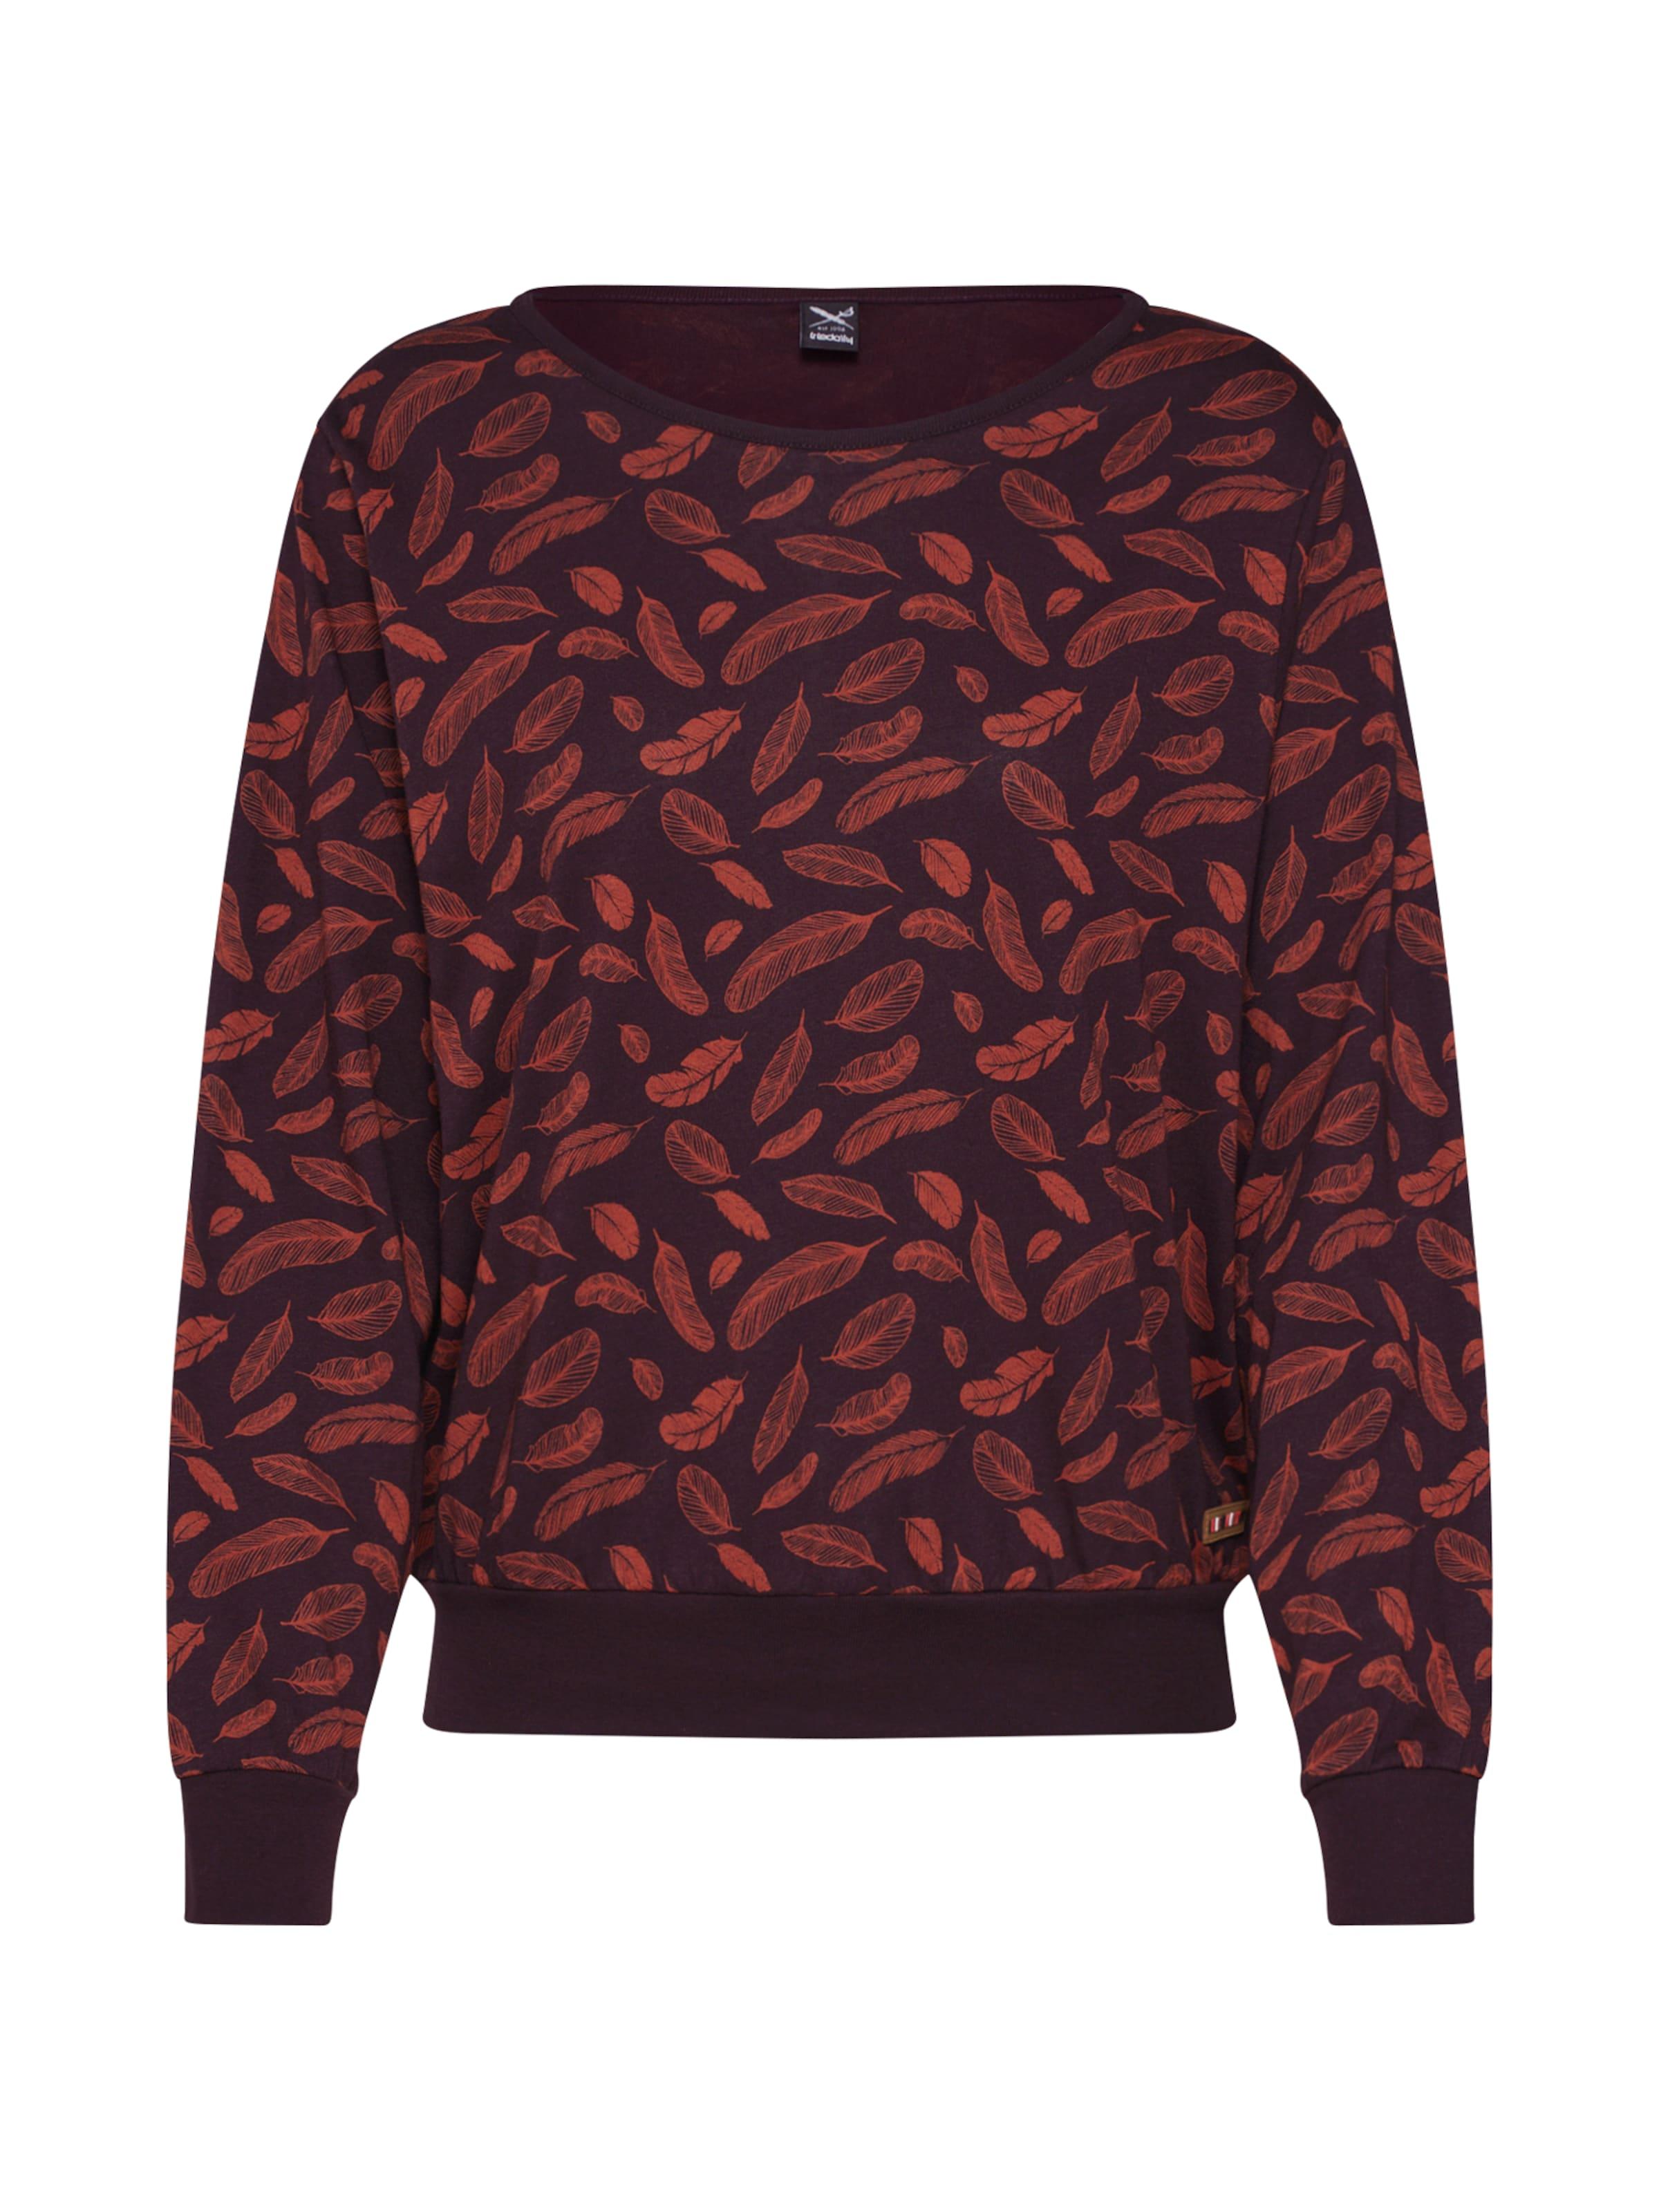 Sweat Aubergine Iriedaily shirt 'vindariel' En uTOkiZPX